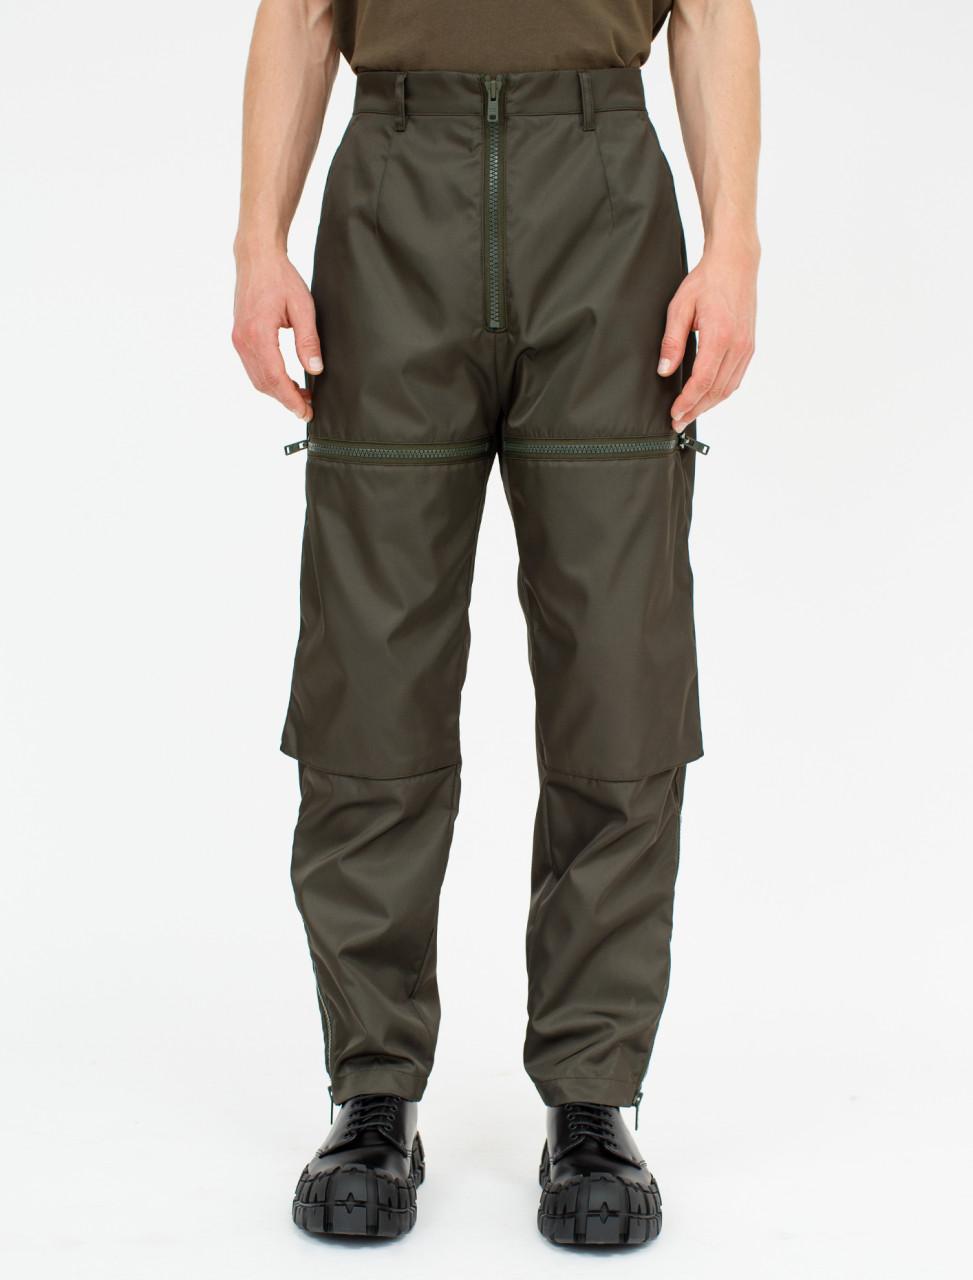 Nylon Gabardine Trouser with Front Pockets